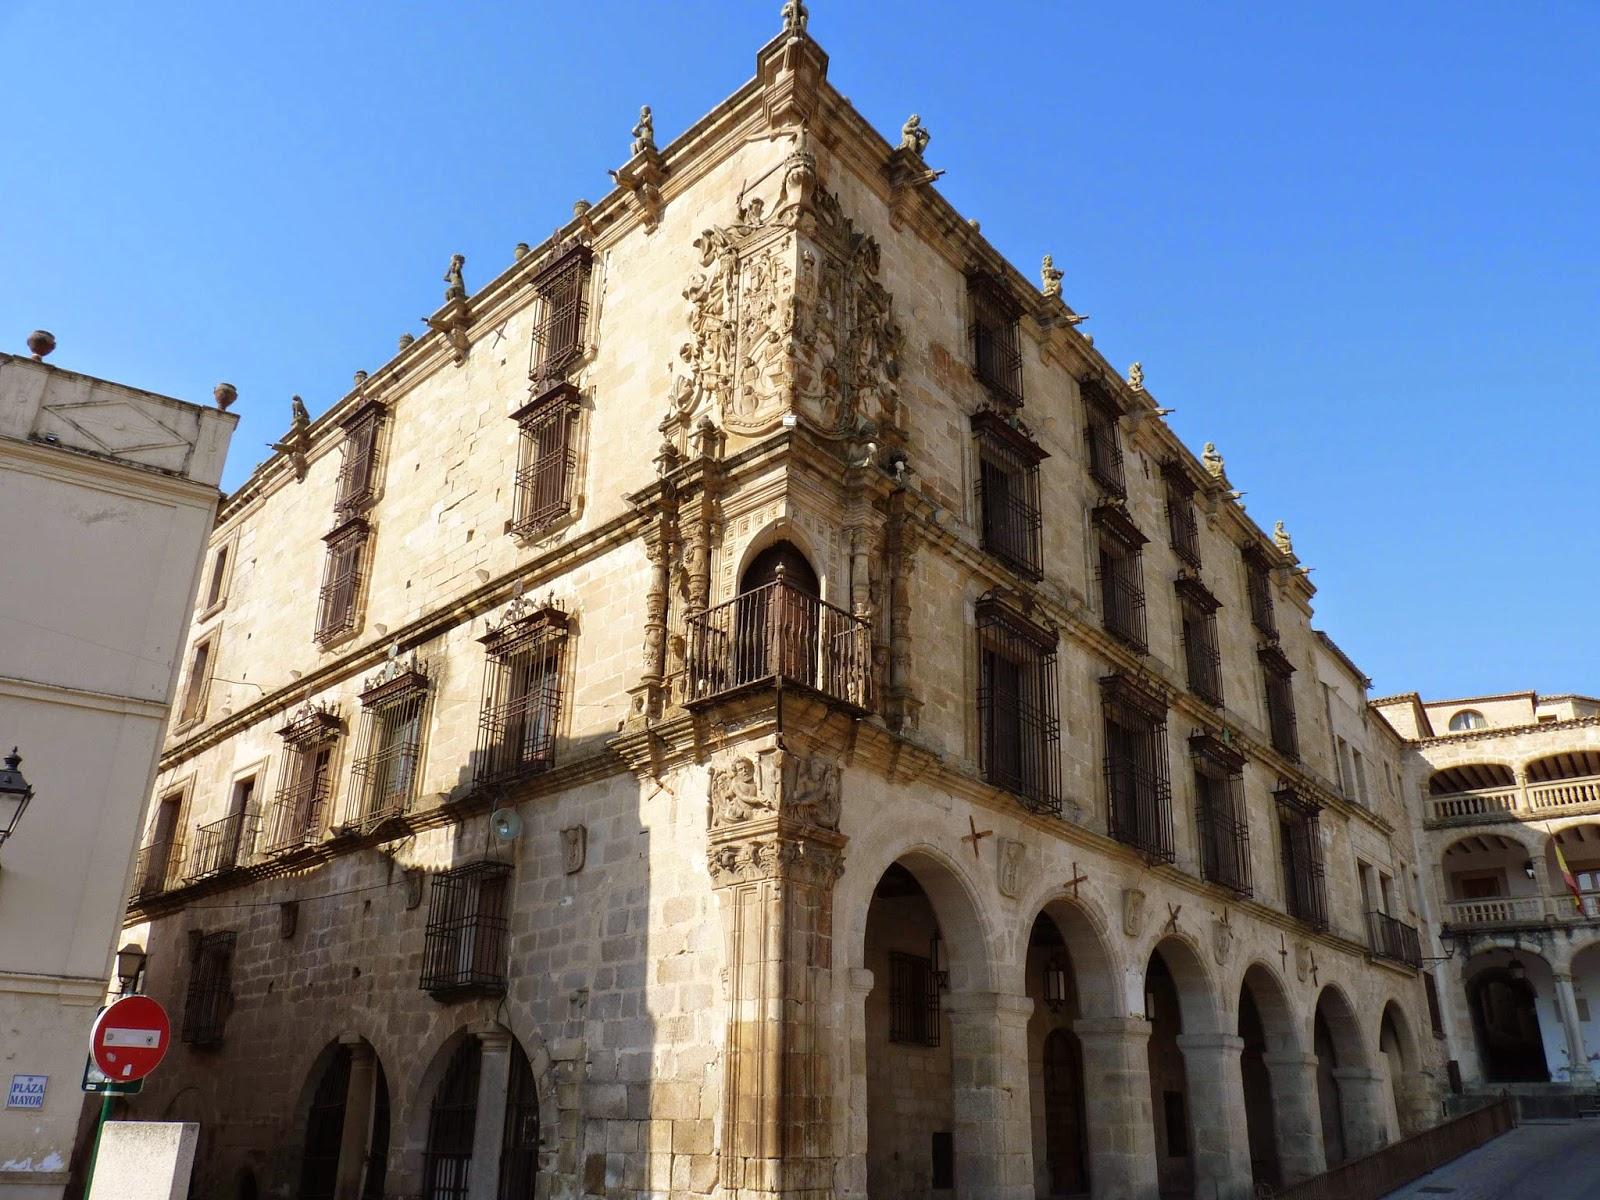 Palacio del Marqués de la Conquista en la Plaza Mayor de Trujillo.